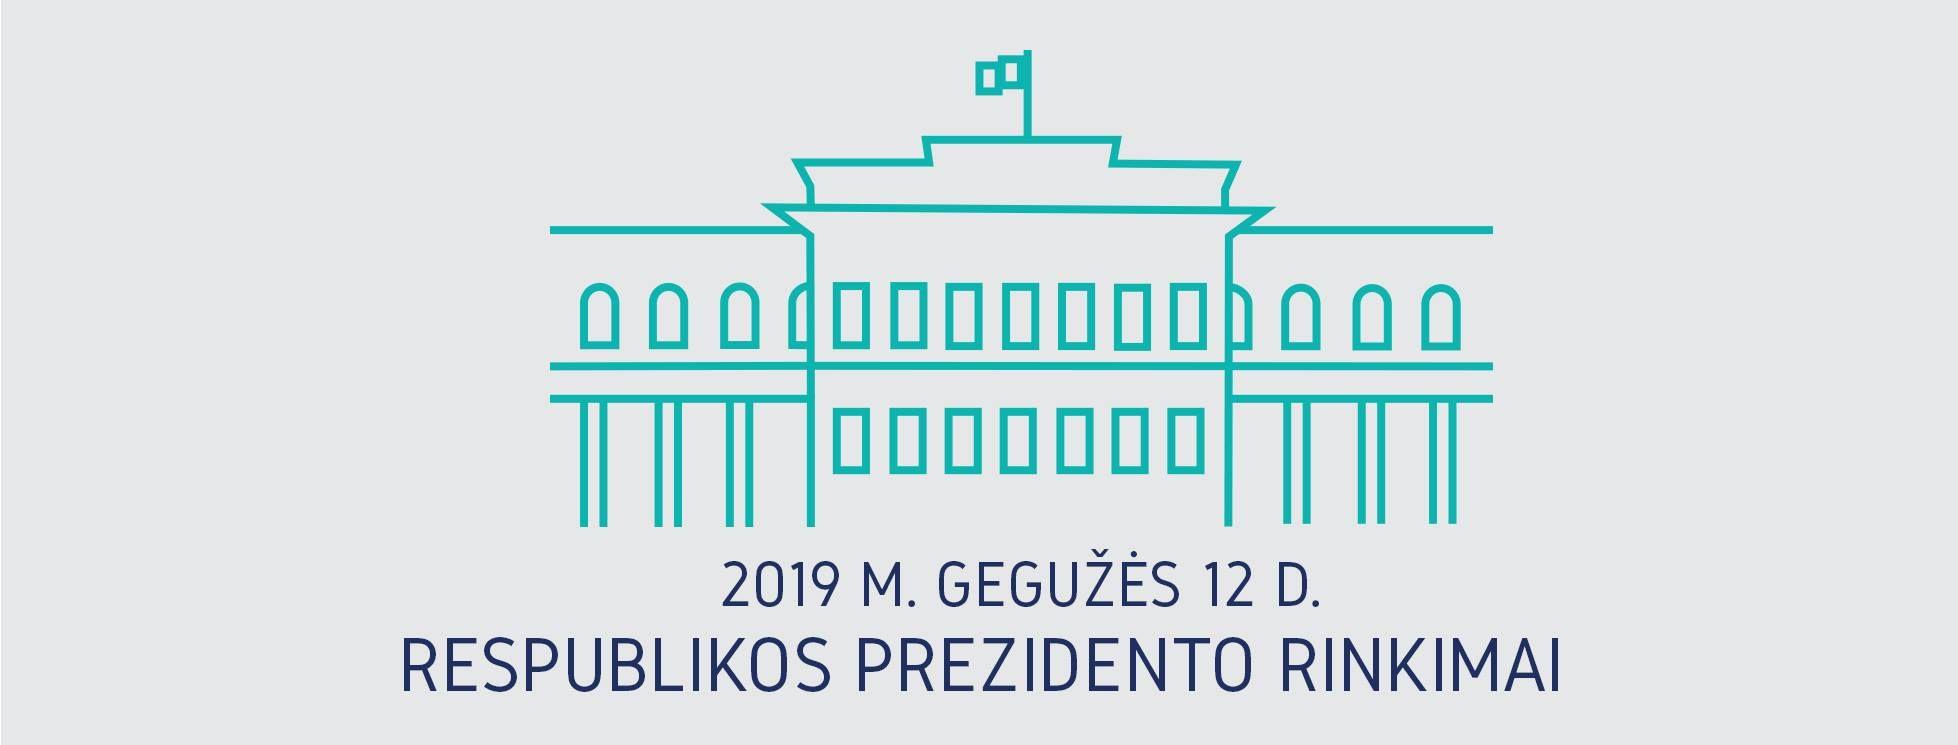 Lietuvos Respublikos prezidento rinkimai / Referendumas dėl Konstitucijos 12 straipsnio pakeitimo / Referendumas dėl Konstitucijos 55 straipsnio pakeitimo